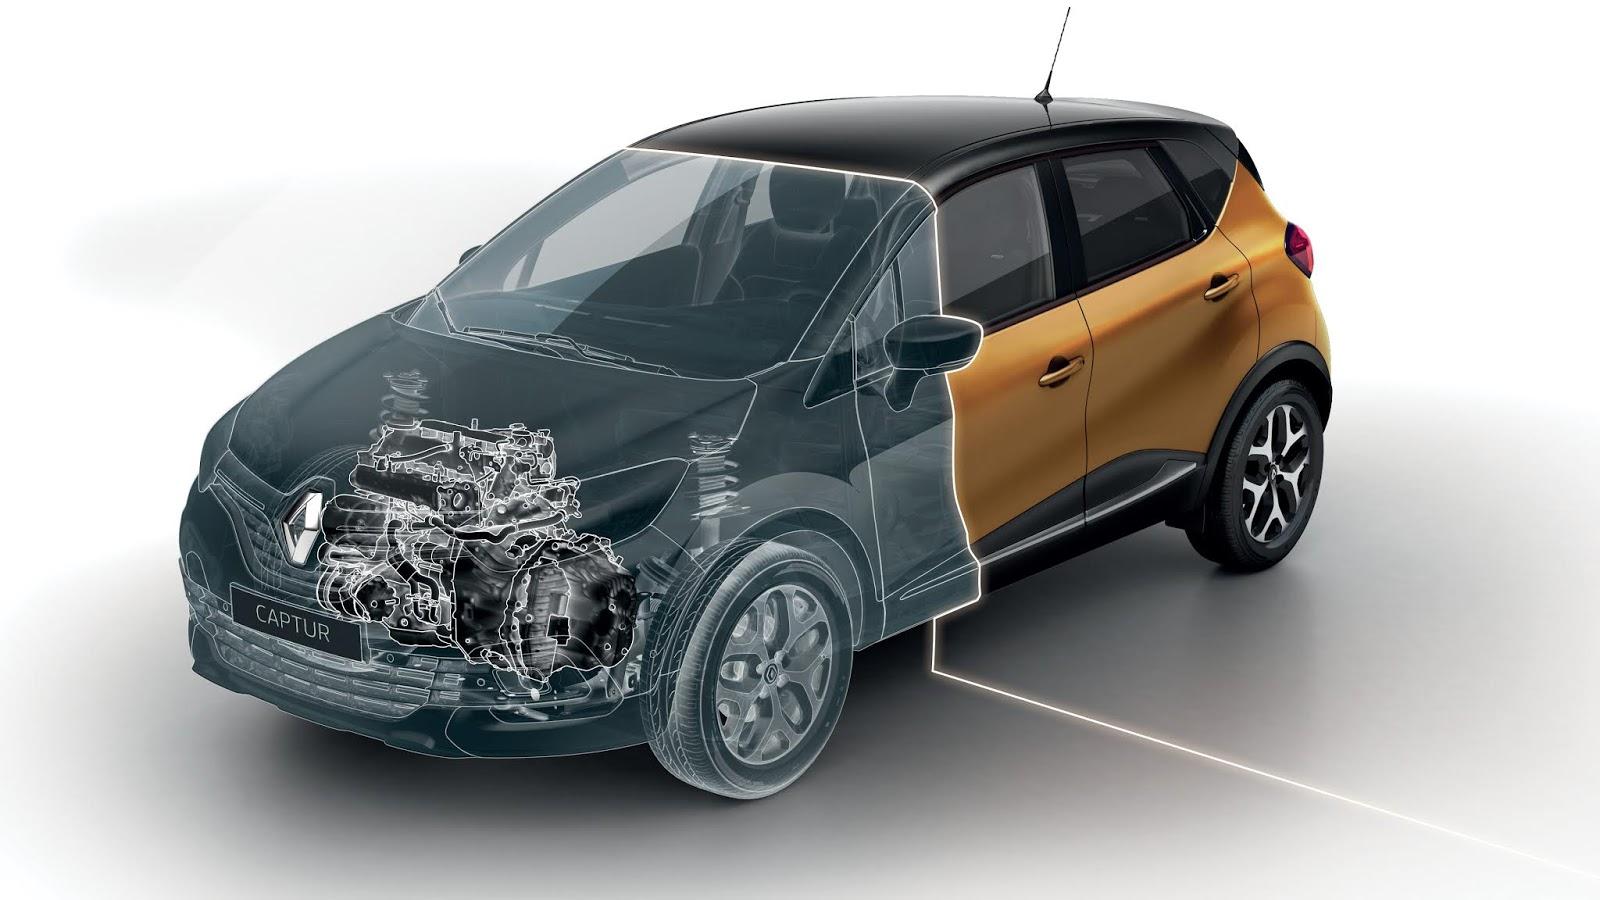 00127105 Από 15.980 ευρώ το Renault Captur με το νέο μοτέρ 1,3 λίτρων compact SUV, Crossover, Renault, Renault Captur, Renault Captur Energy 1.3 TCe, zblog, καινούρια, τιμες